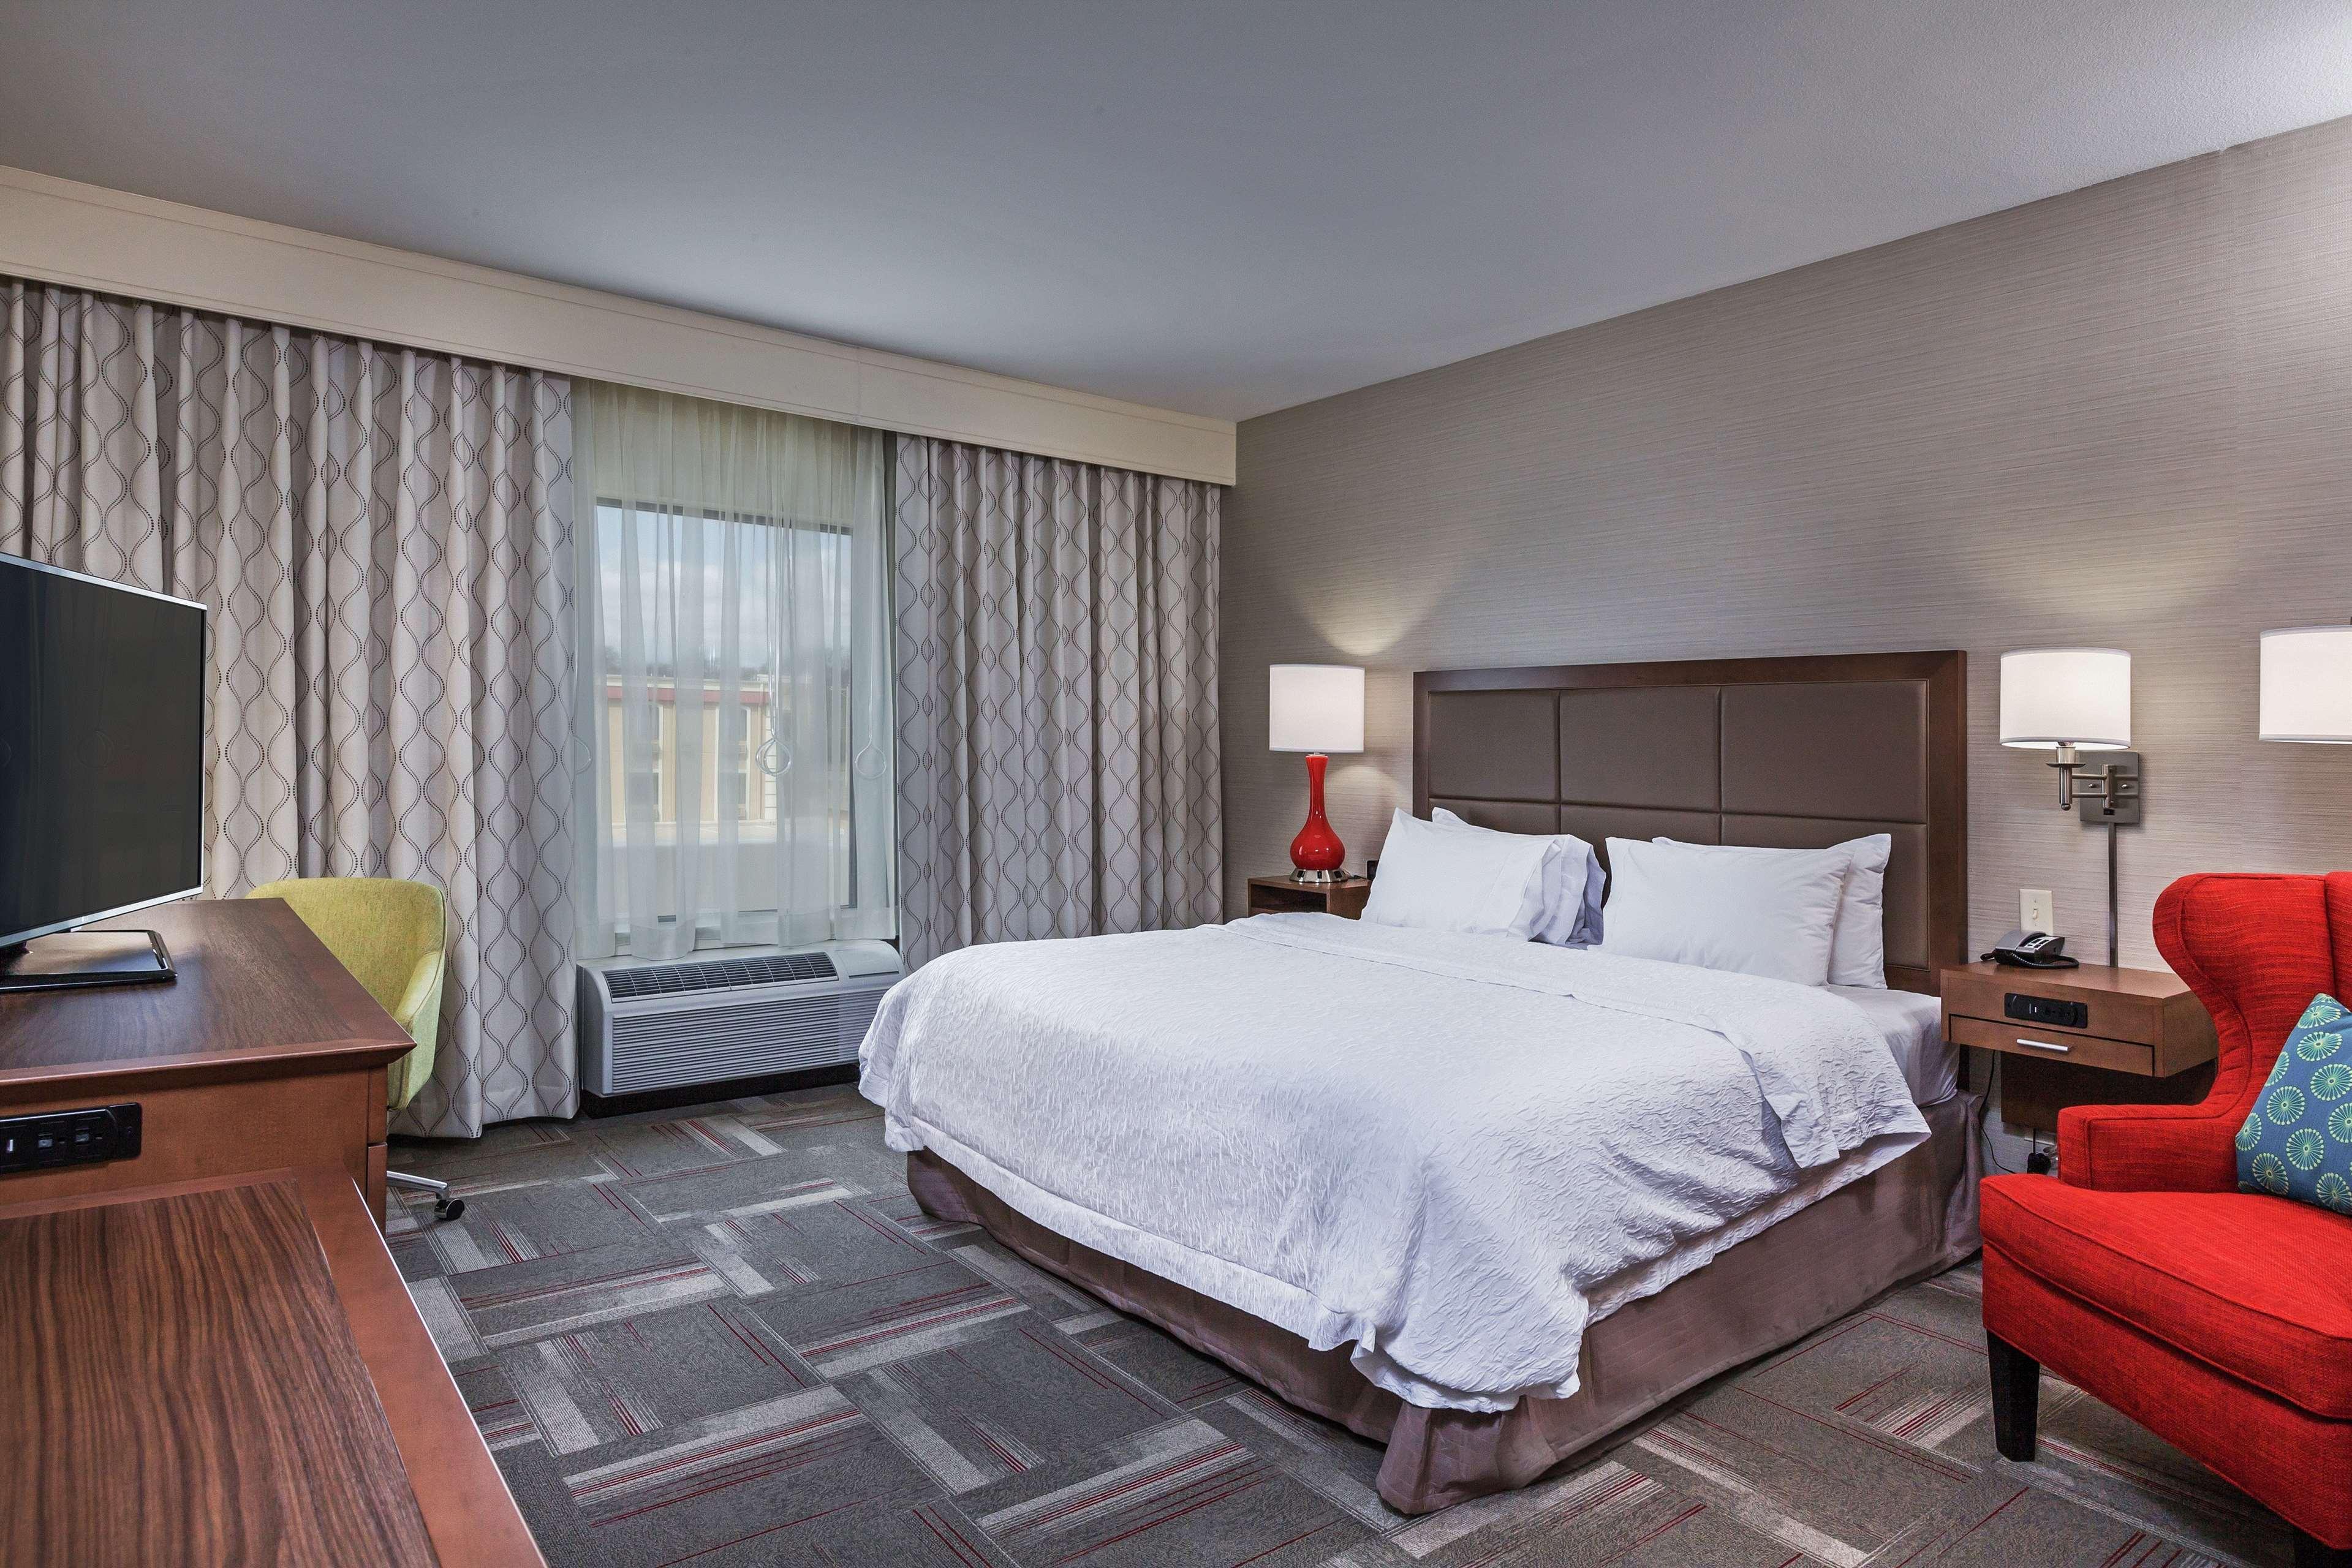 Hampton Inn & Suites Claremore image 16